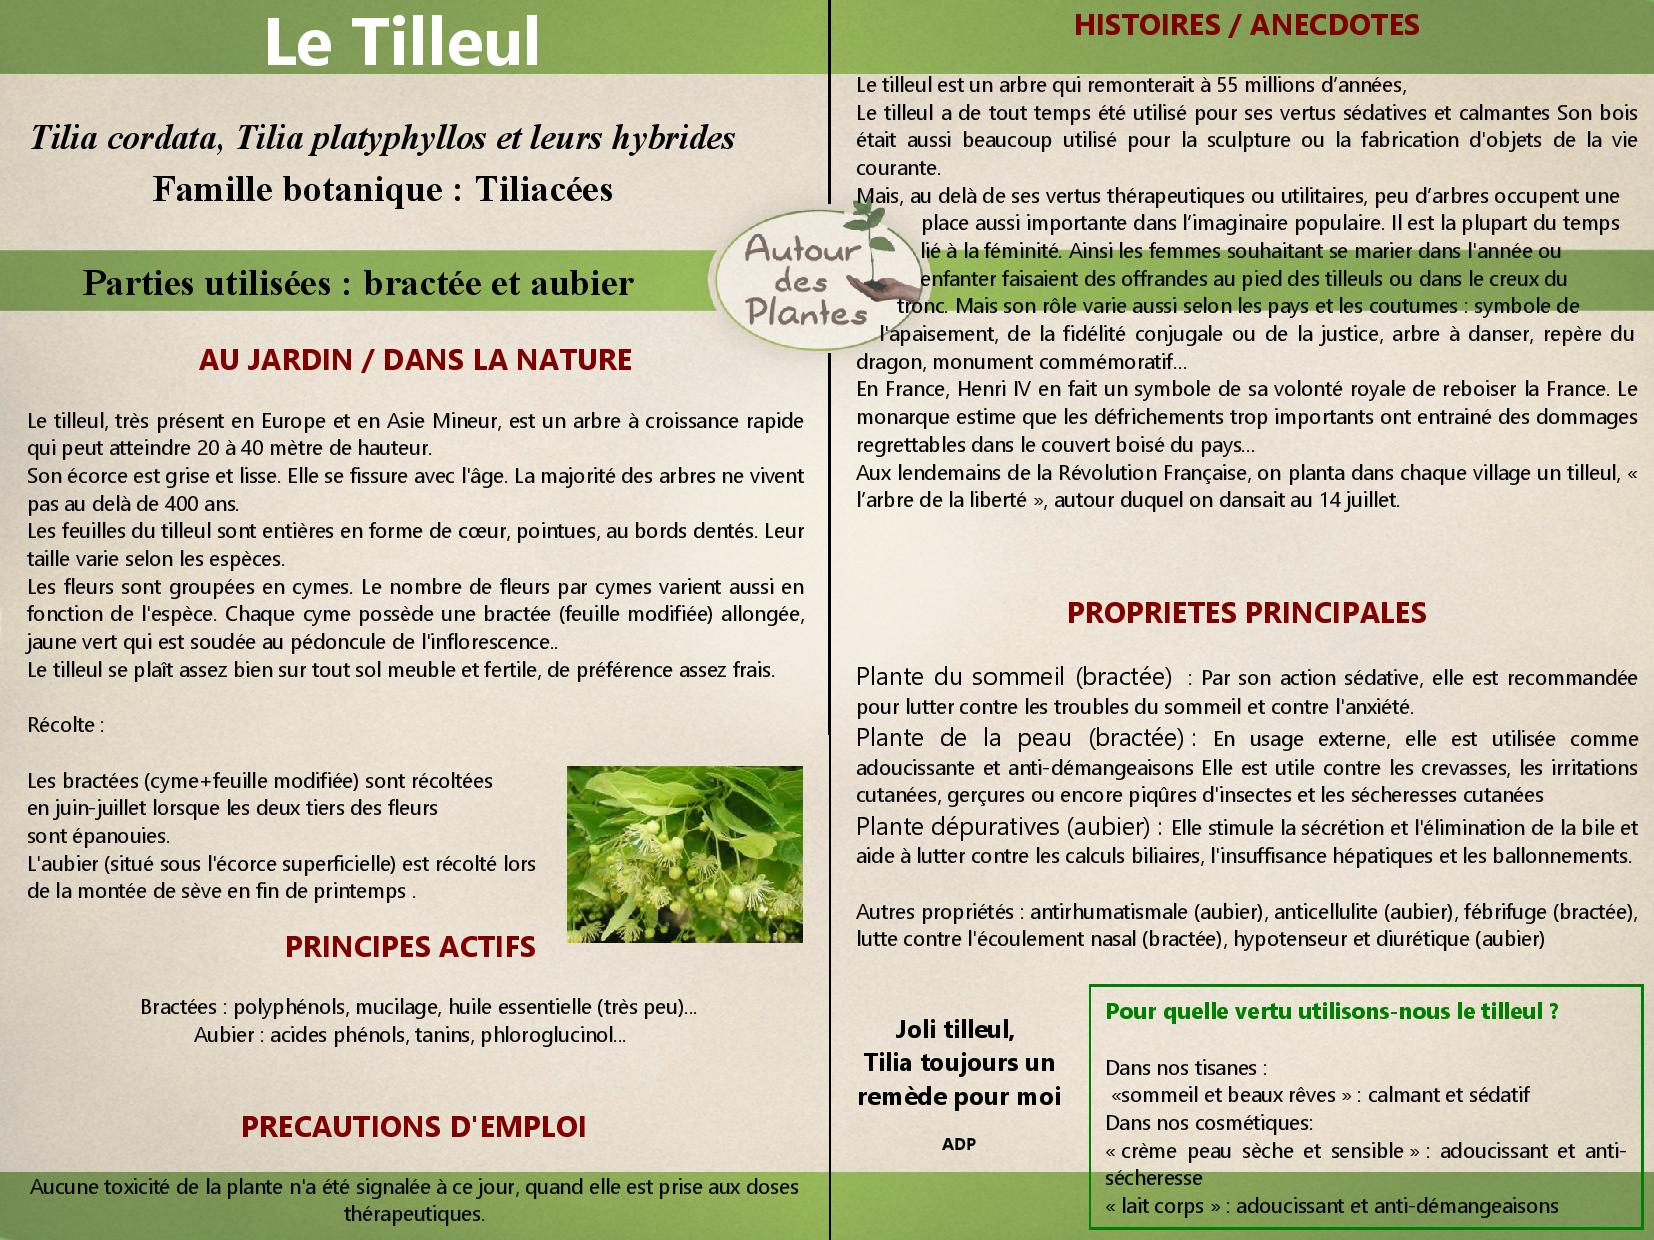 Le tilleul page 001